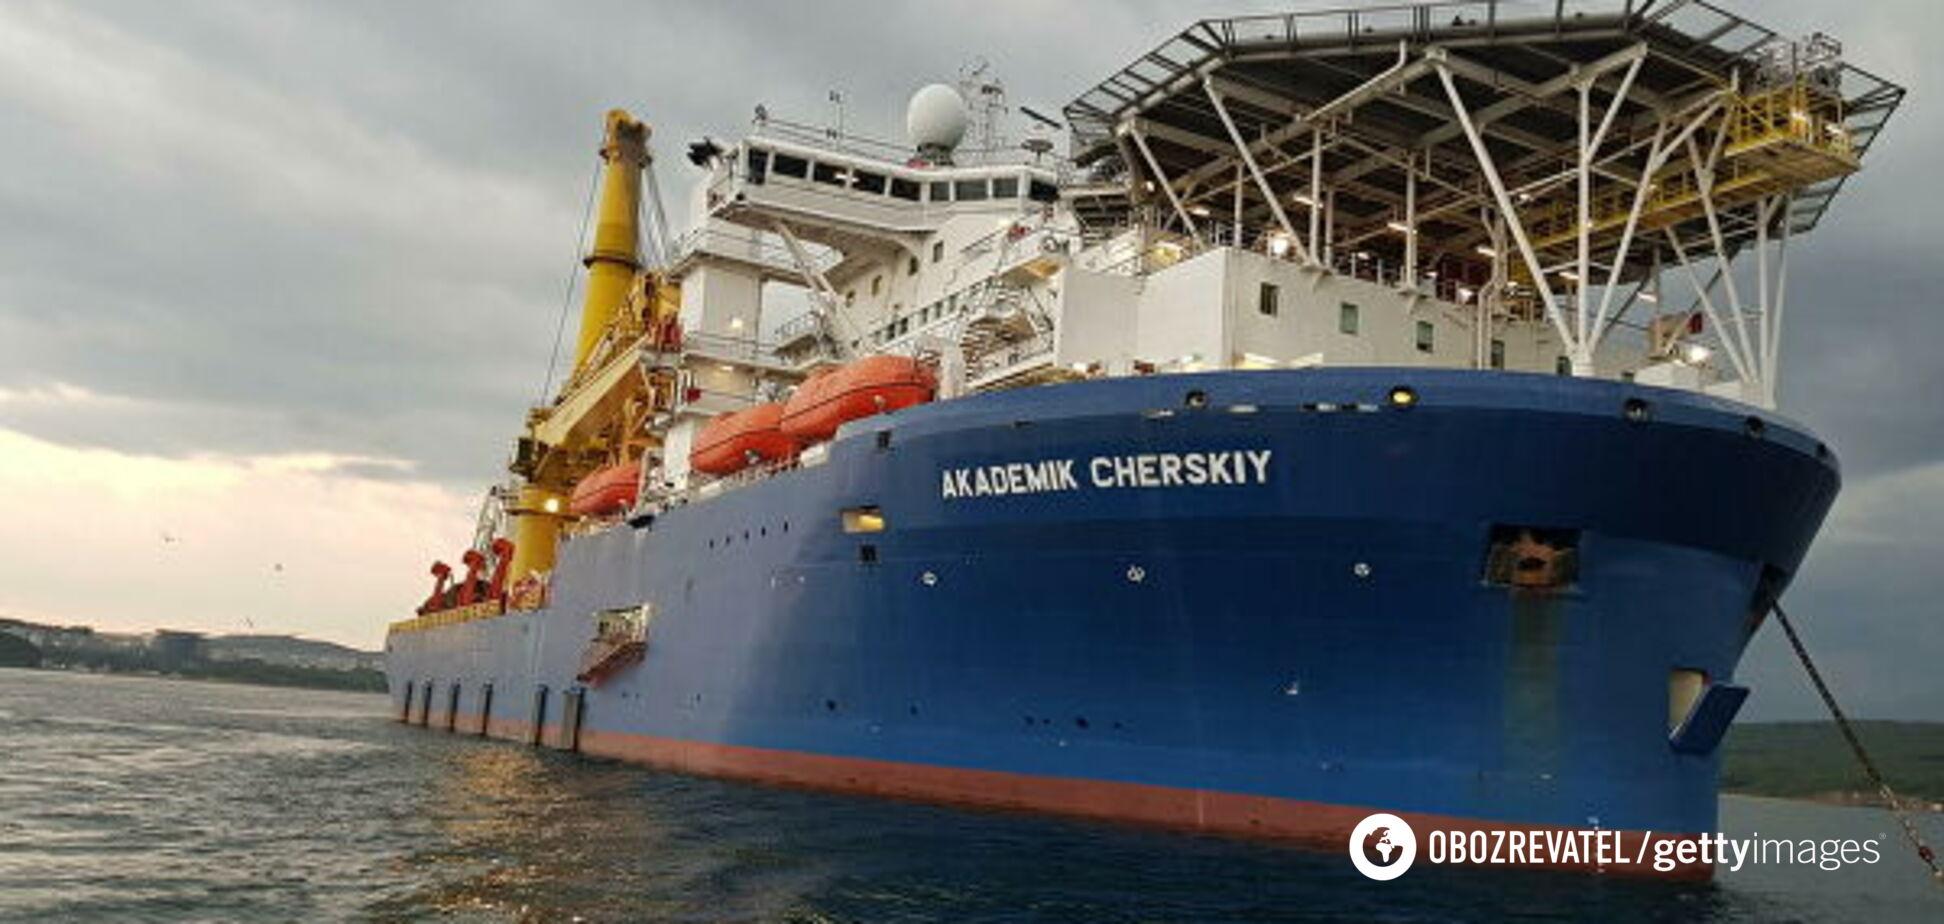 'Газпром' злякався санкцій, трубоукладач 'Північного потоку-2' приховують – DW